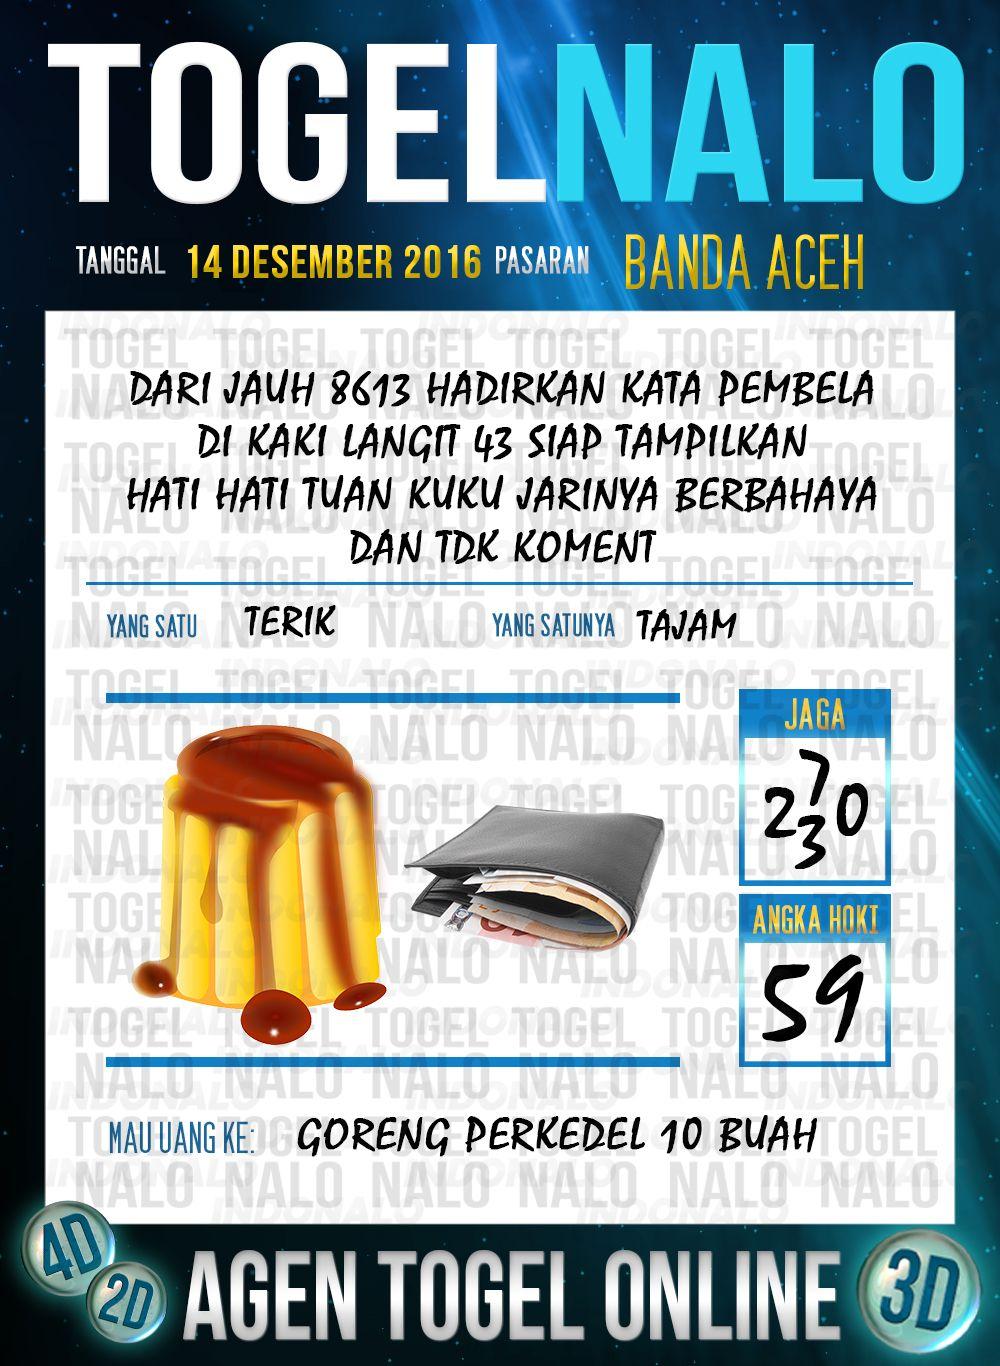 Tebak Lotre 2D Togel Wap Online Live Draw 4D TogelNalo Banda Aceh 14 Desember 2016